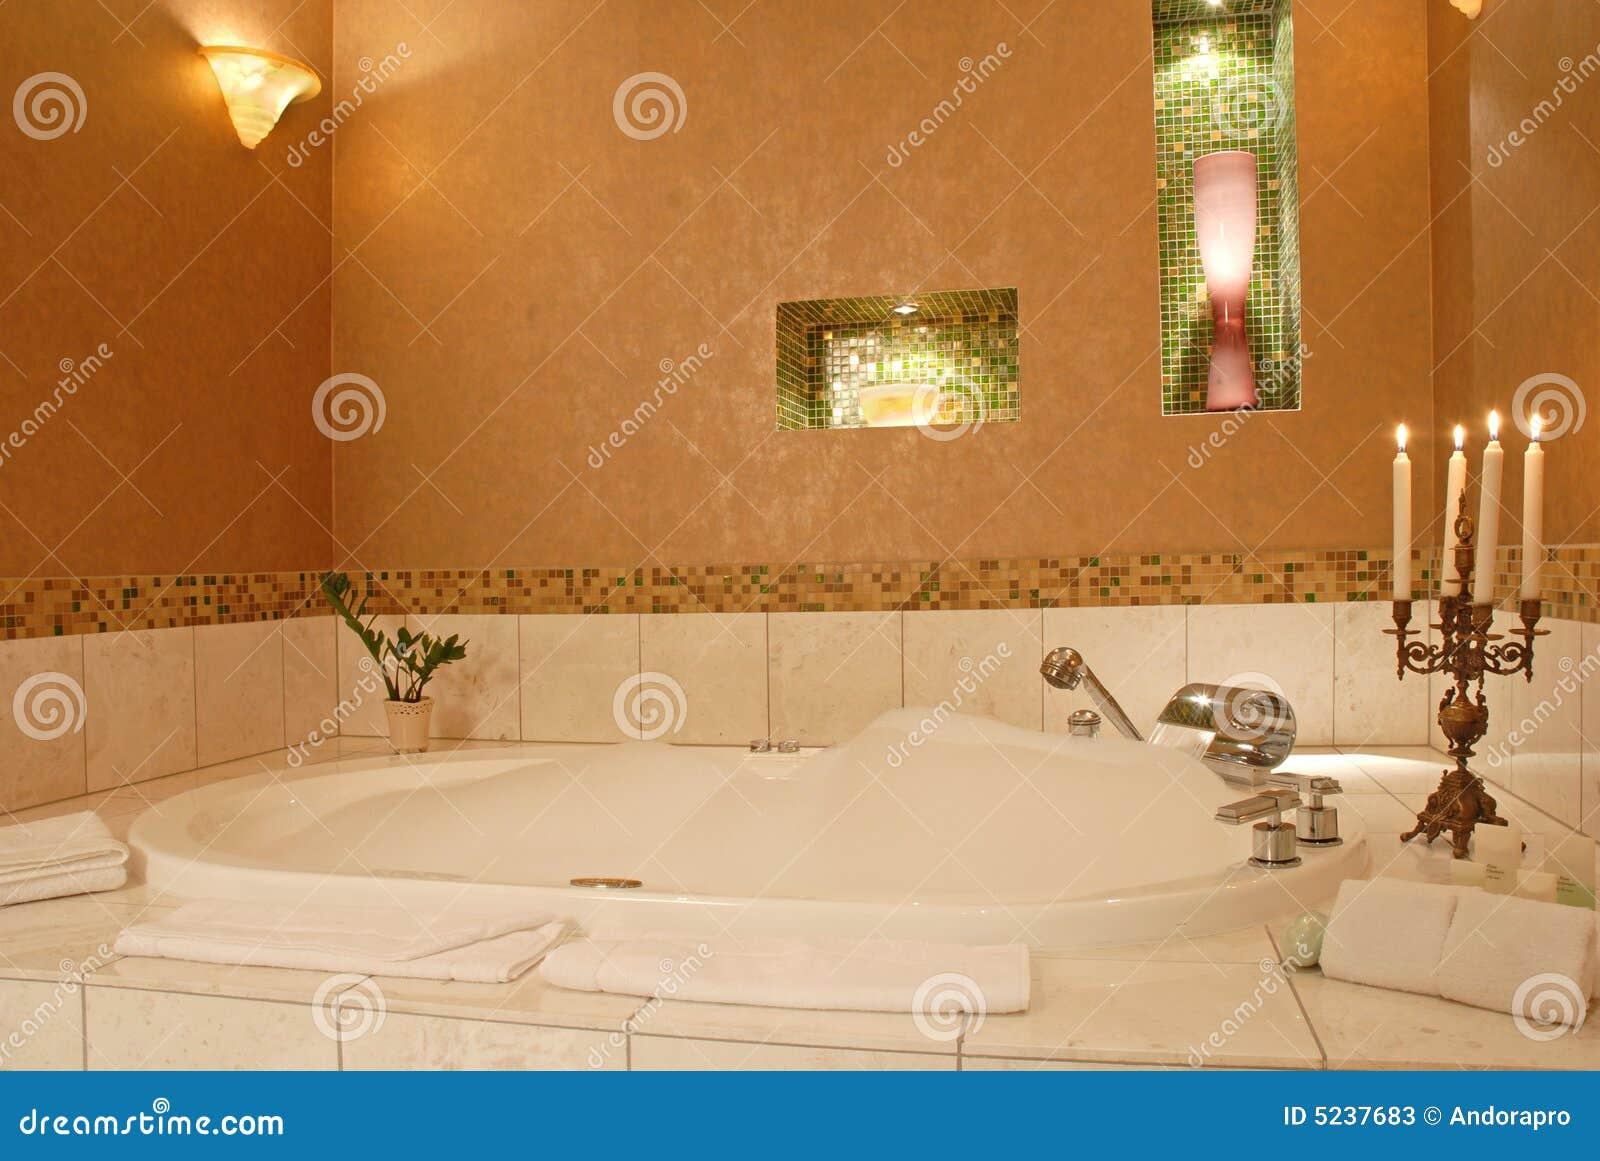 Vasca Da Bagno Romantica : Immagini di riserva di vasca da bagno romantica la sovranità di